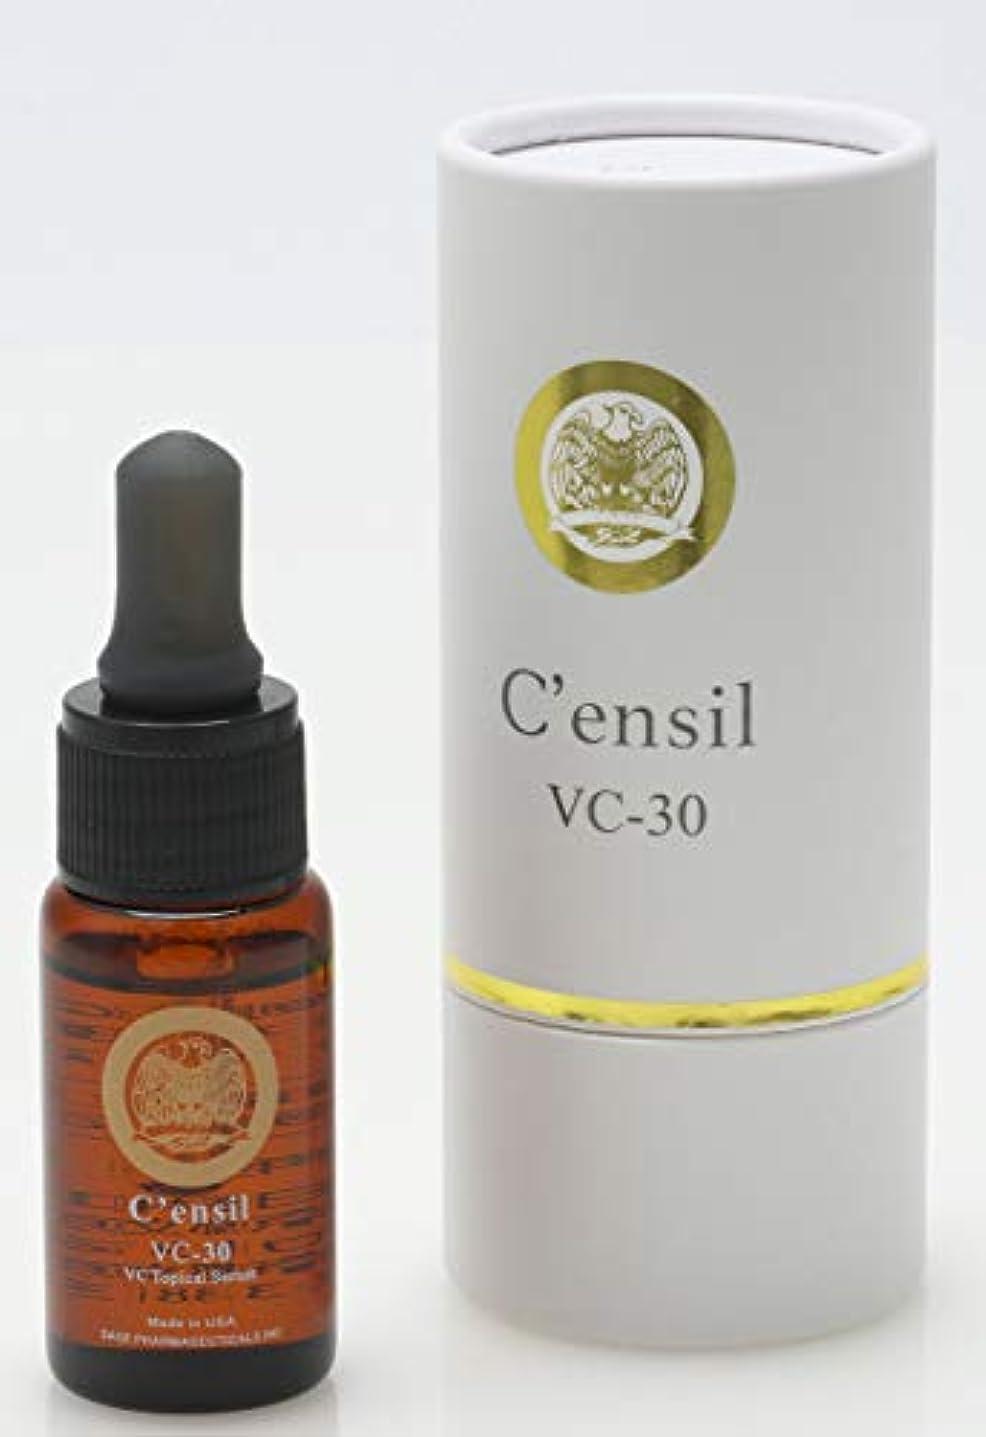 周波数アクティブただセンシル C'ensil VC-30:12ml (美容液)